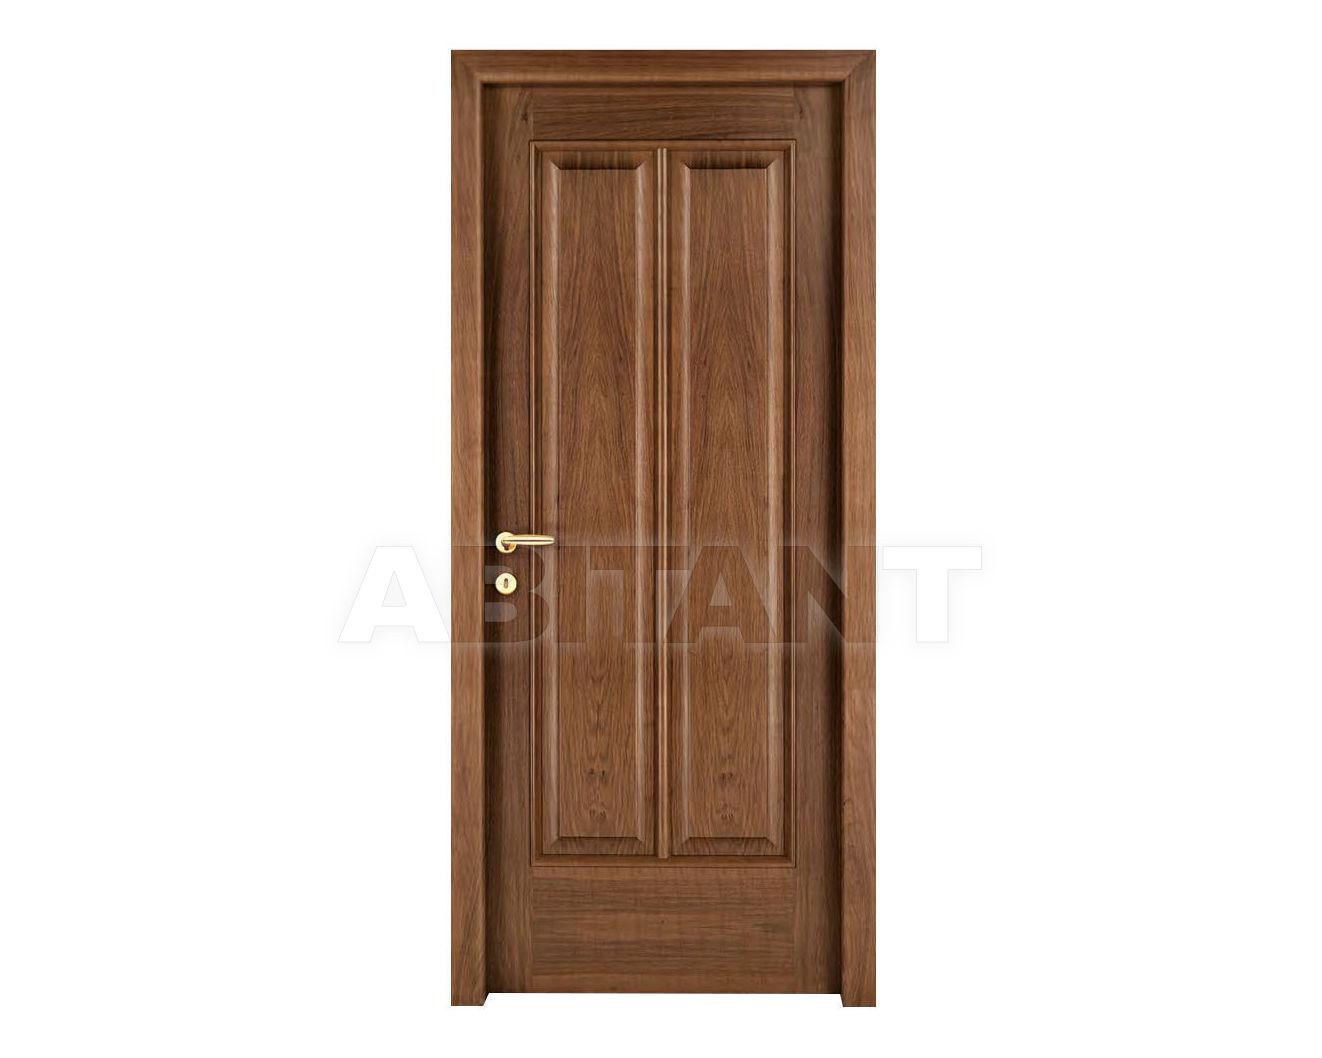 Купить Дверь деревянная Fioravazzi Classiche ARIANNA 6 CIECA